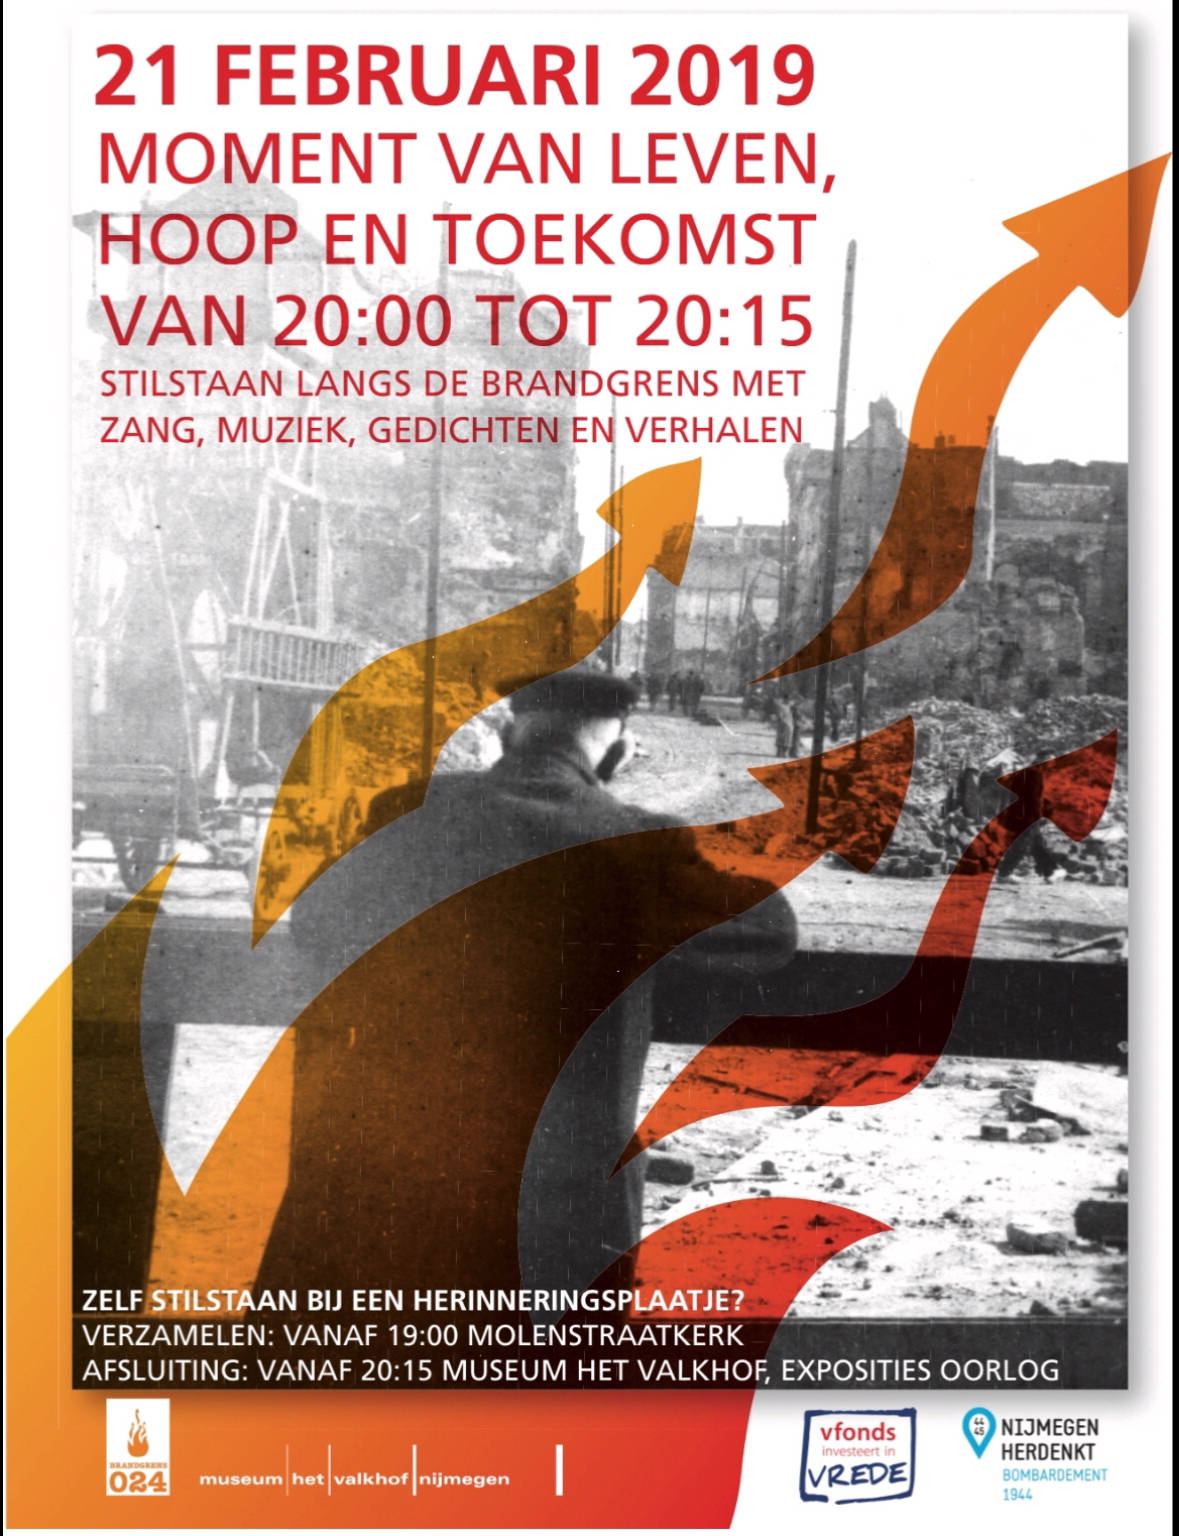 Herdenking van de brandgrens in Nijmegen.